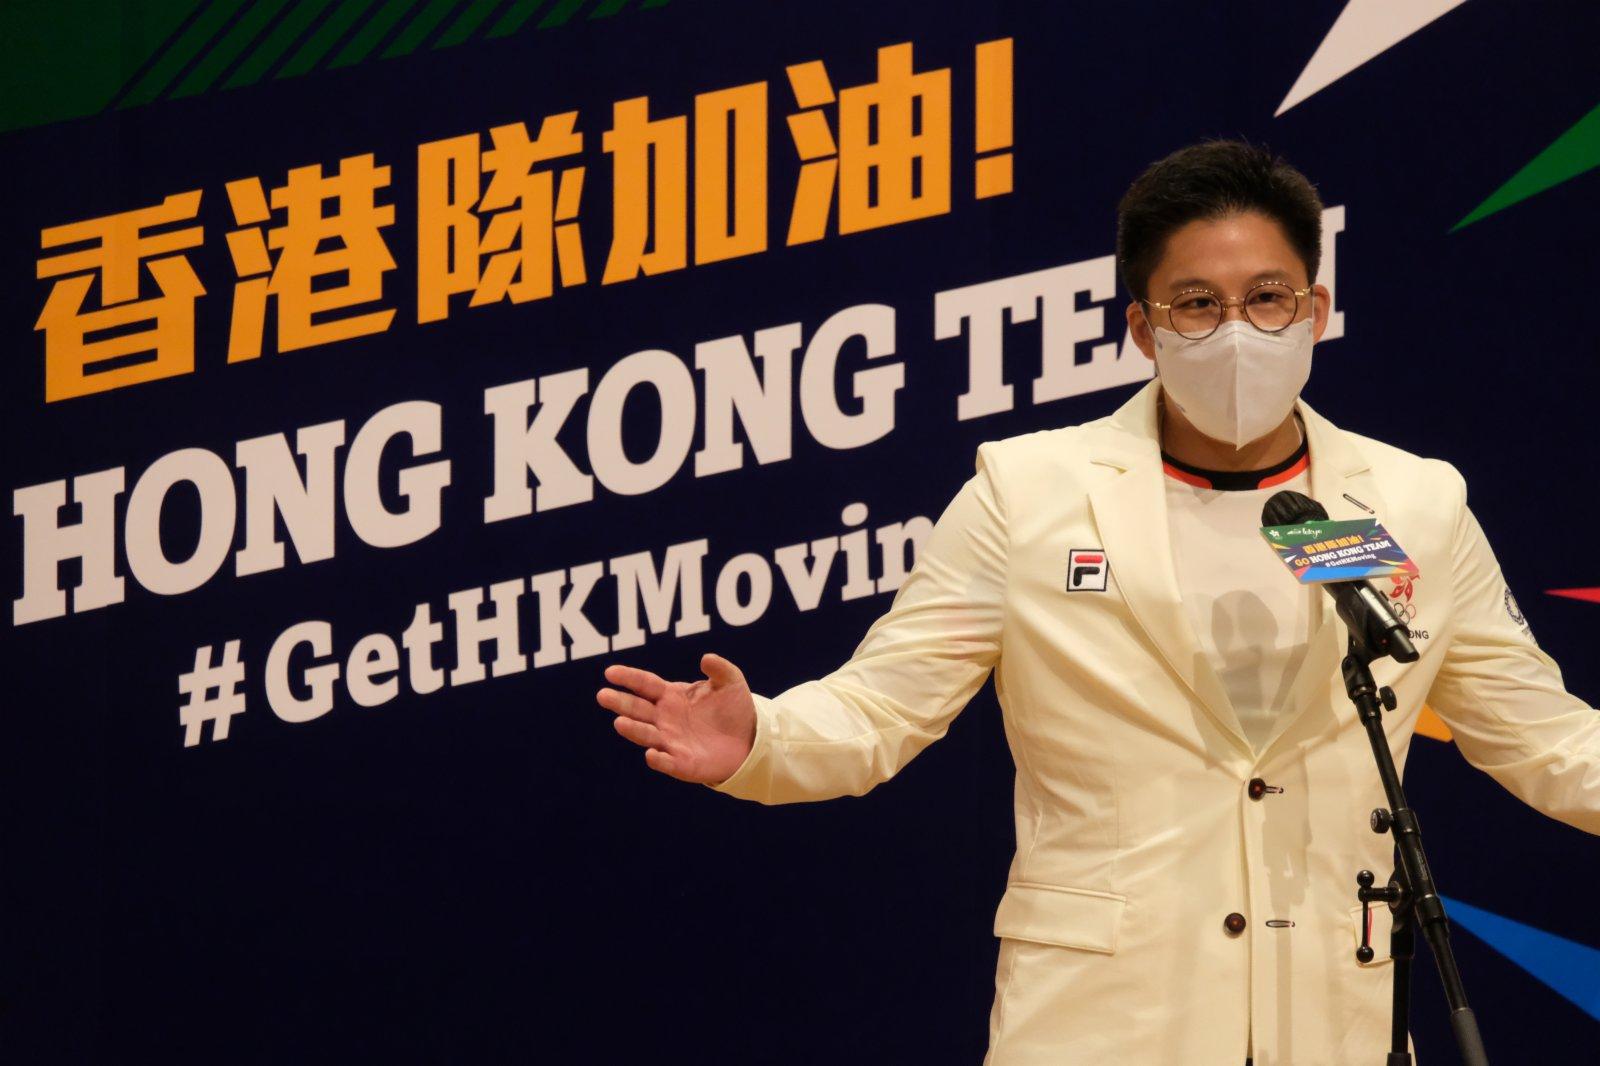 香港奧林匹克之友主席霍啟剛致辭。(大公文匯全媒體記者麥俊傑攝)